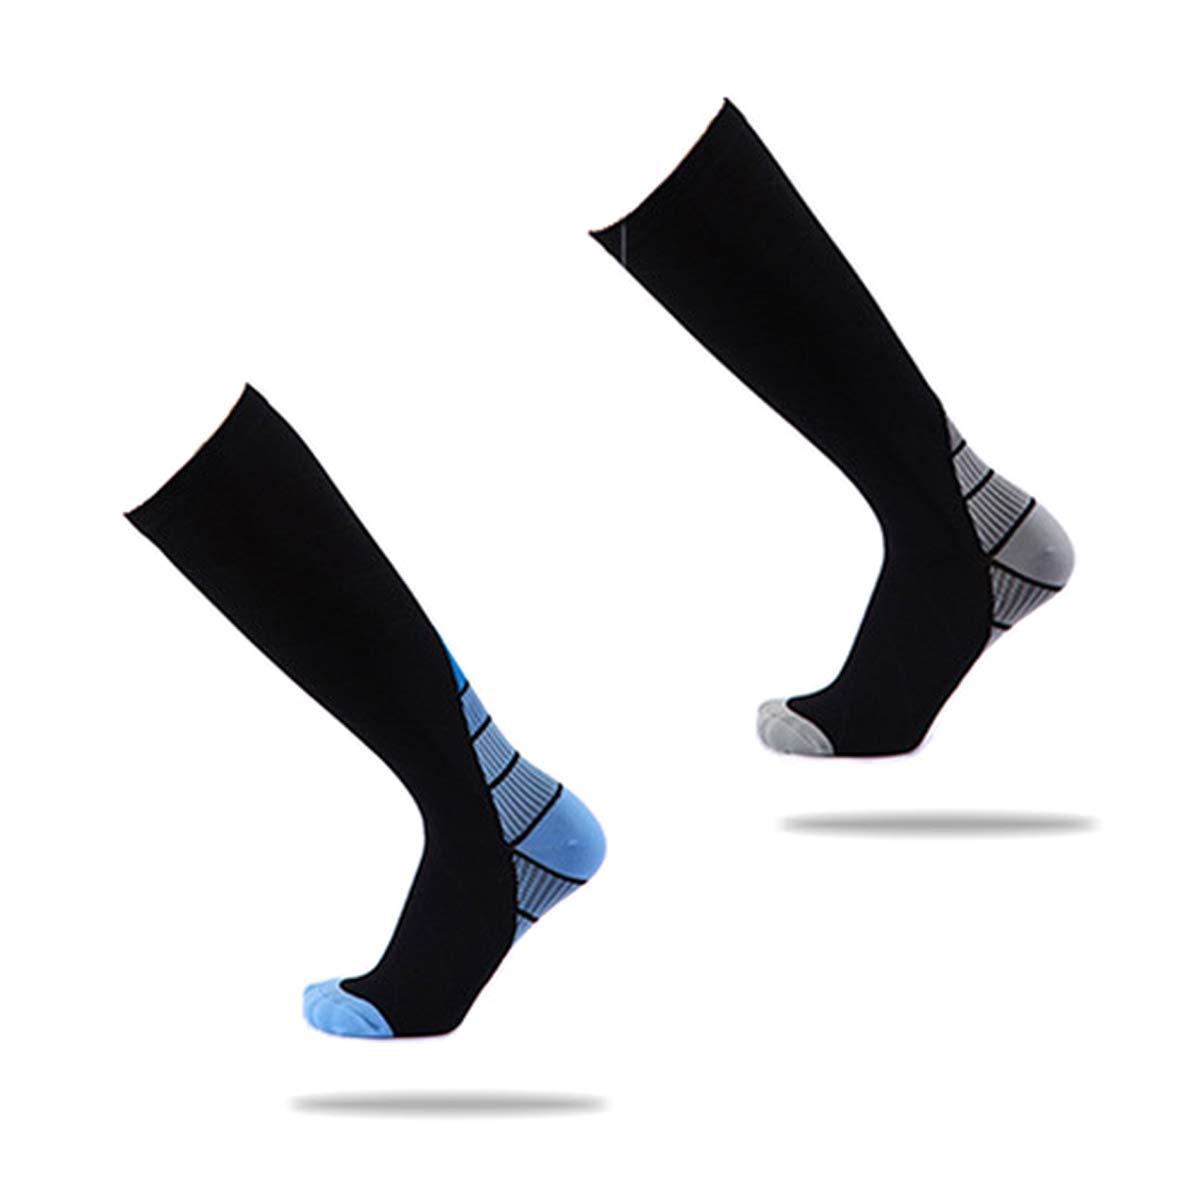 Geeignet f/ür Laufen Fu/ßball und Andere Sportarten Meowoo Kompressionsstr/ümpfe Compression Socks Bequem Atmungsaktiv und Hohe Elastizit/ät